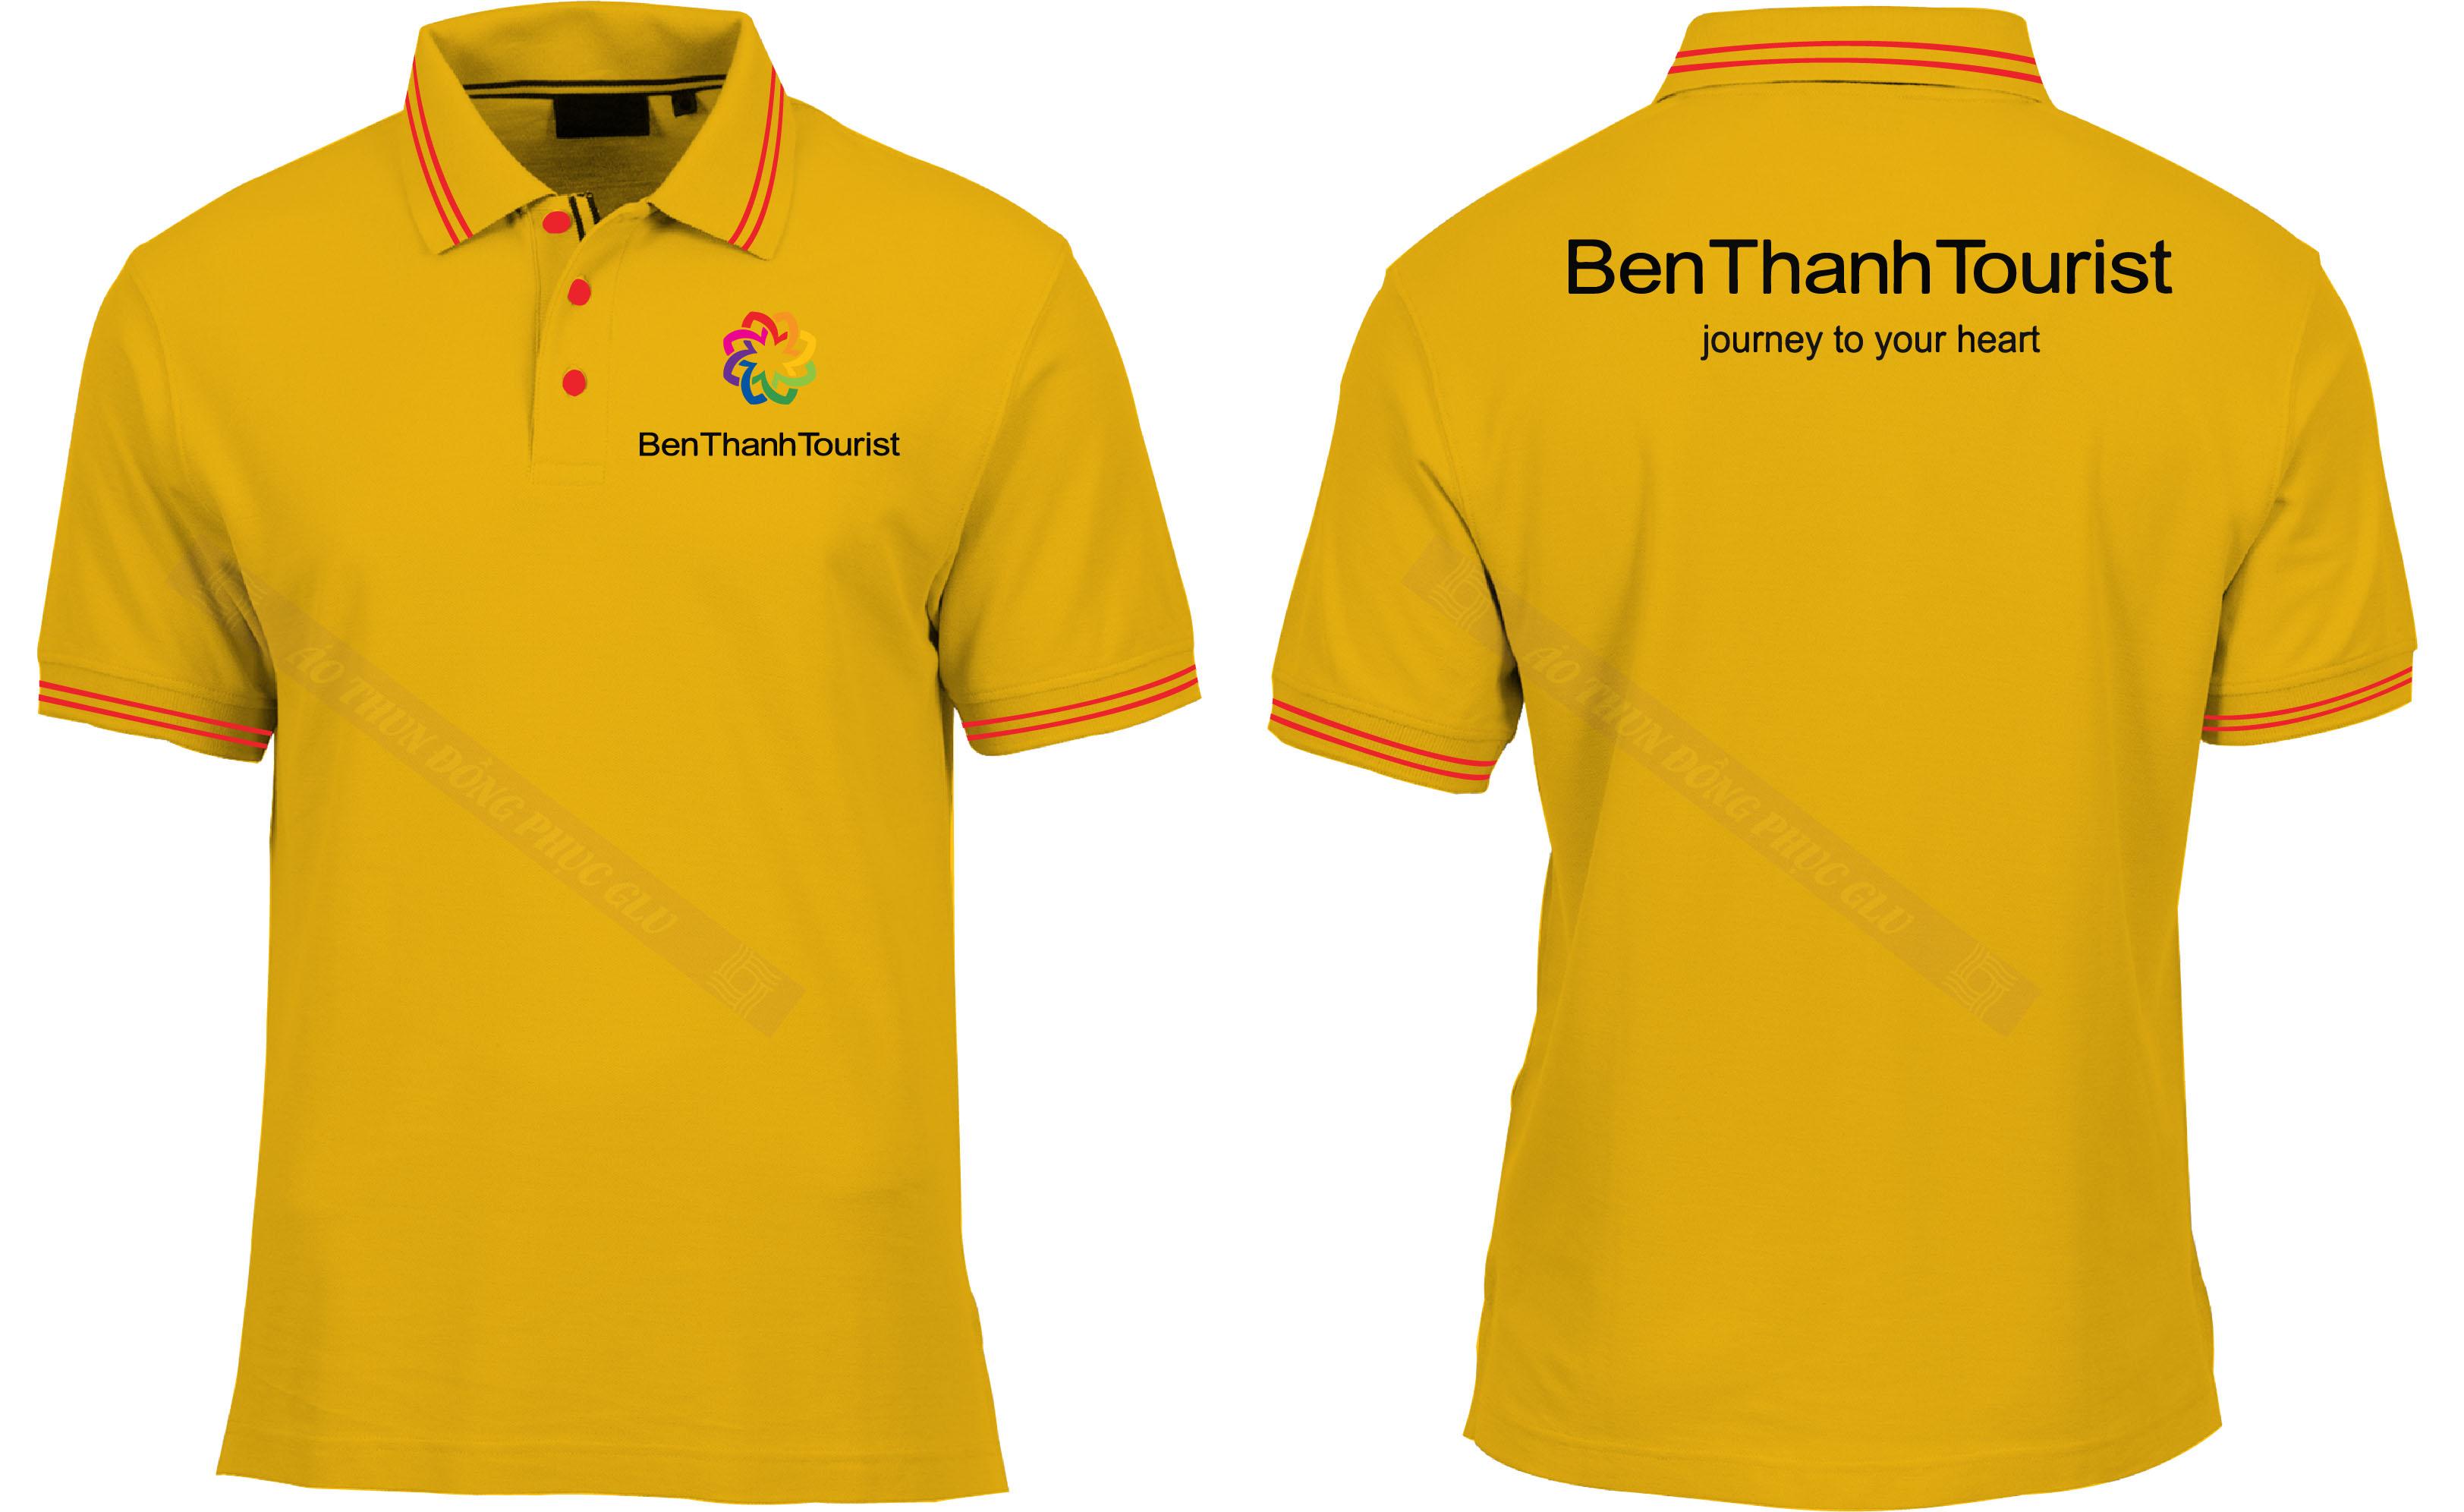 AO THUN BEN THANH TOURIST áo thun đồng phục đẹp